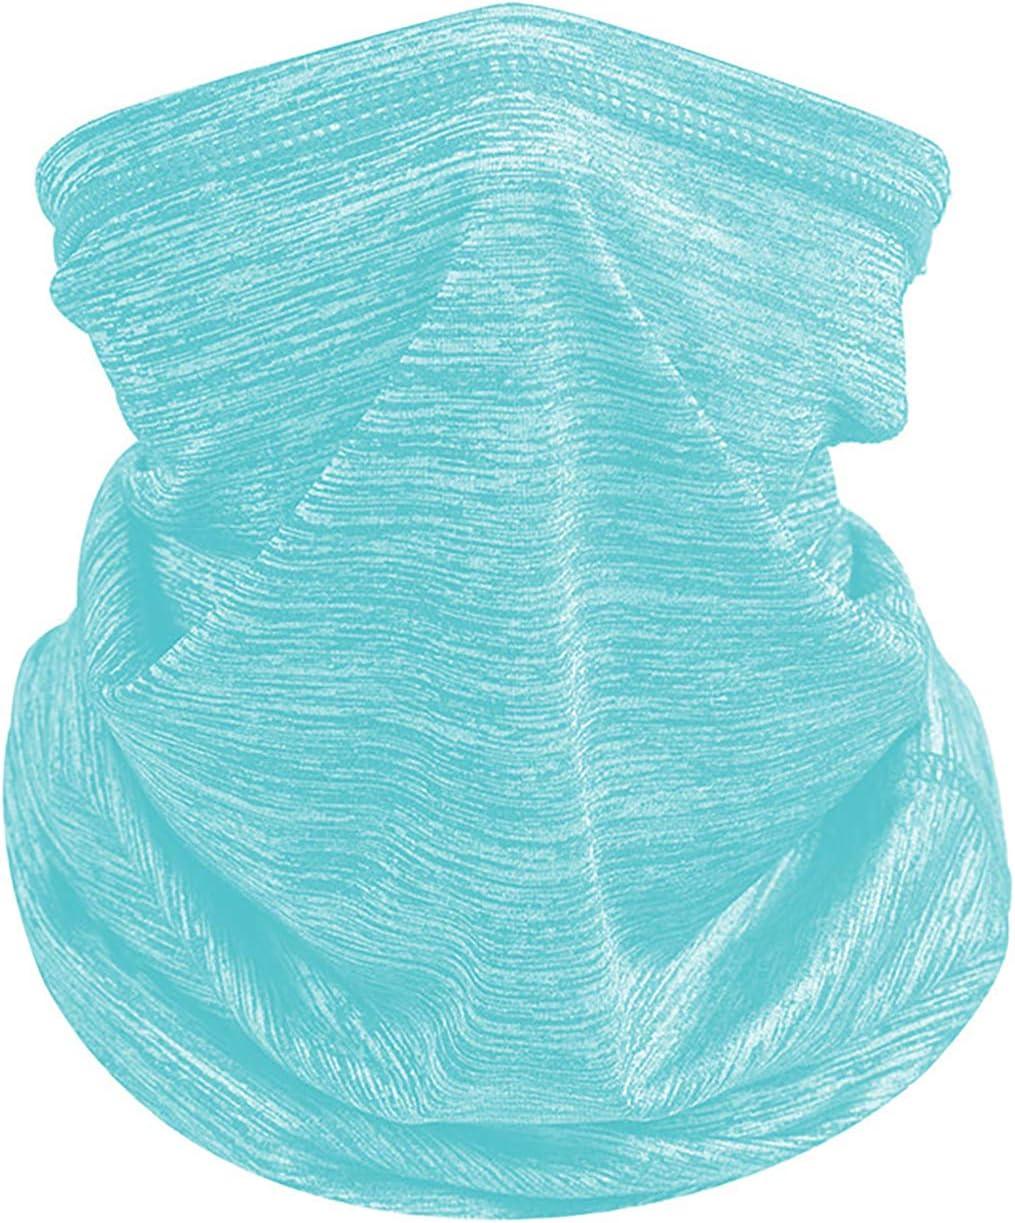 BRZSACR Bandana Multifunción, Bufanda para Hombre Mujer, Pañuelo para La Cabeza, Protección UV, Tubular Original,Senderismo, Montar a Caballo, Montar en Moto, etc.